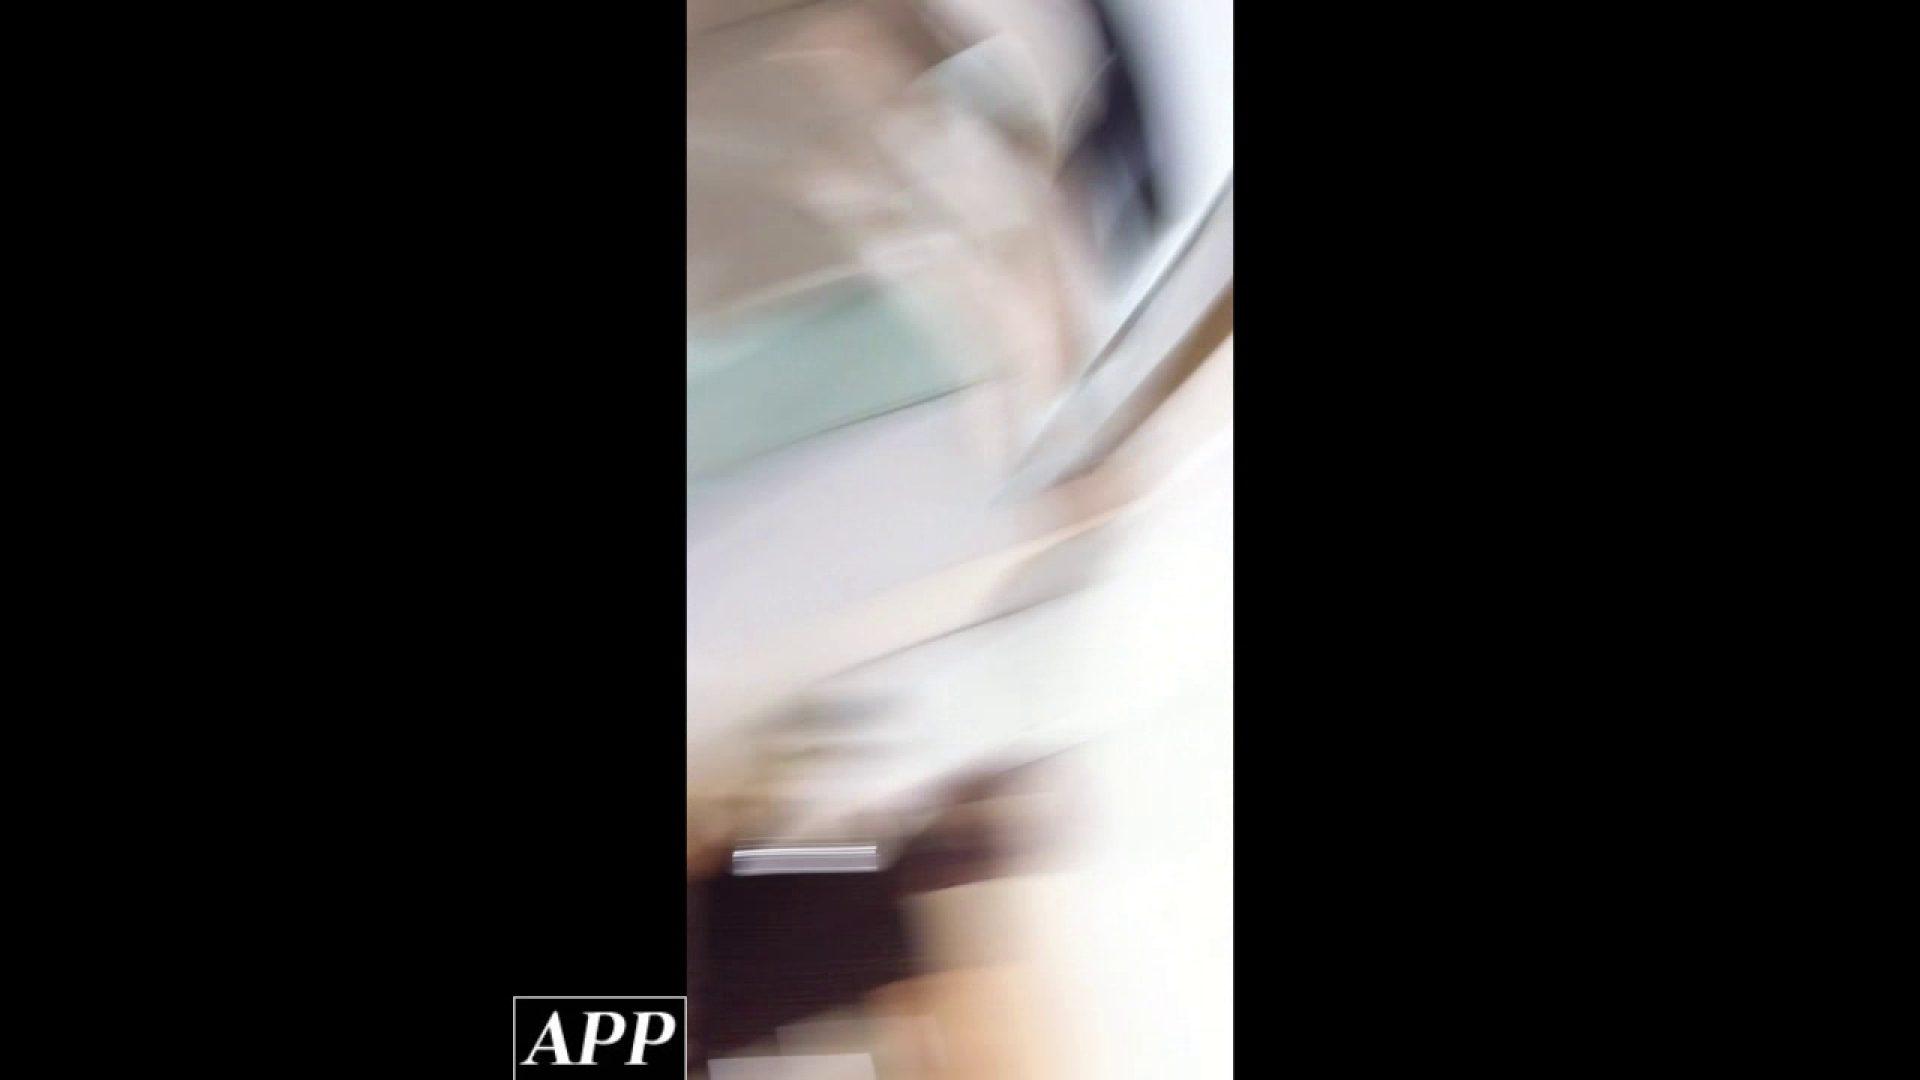 ハイビジョン盗撮!ショップ店員千人斬り!胸チラ編 vol.83 HなOL SEX無修正画像 94pic 92